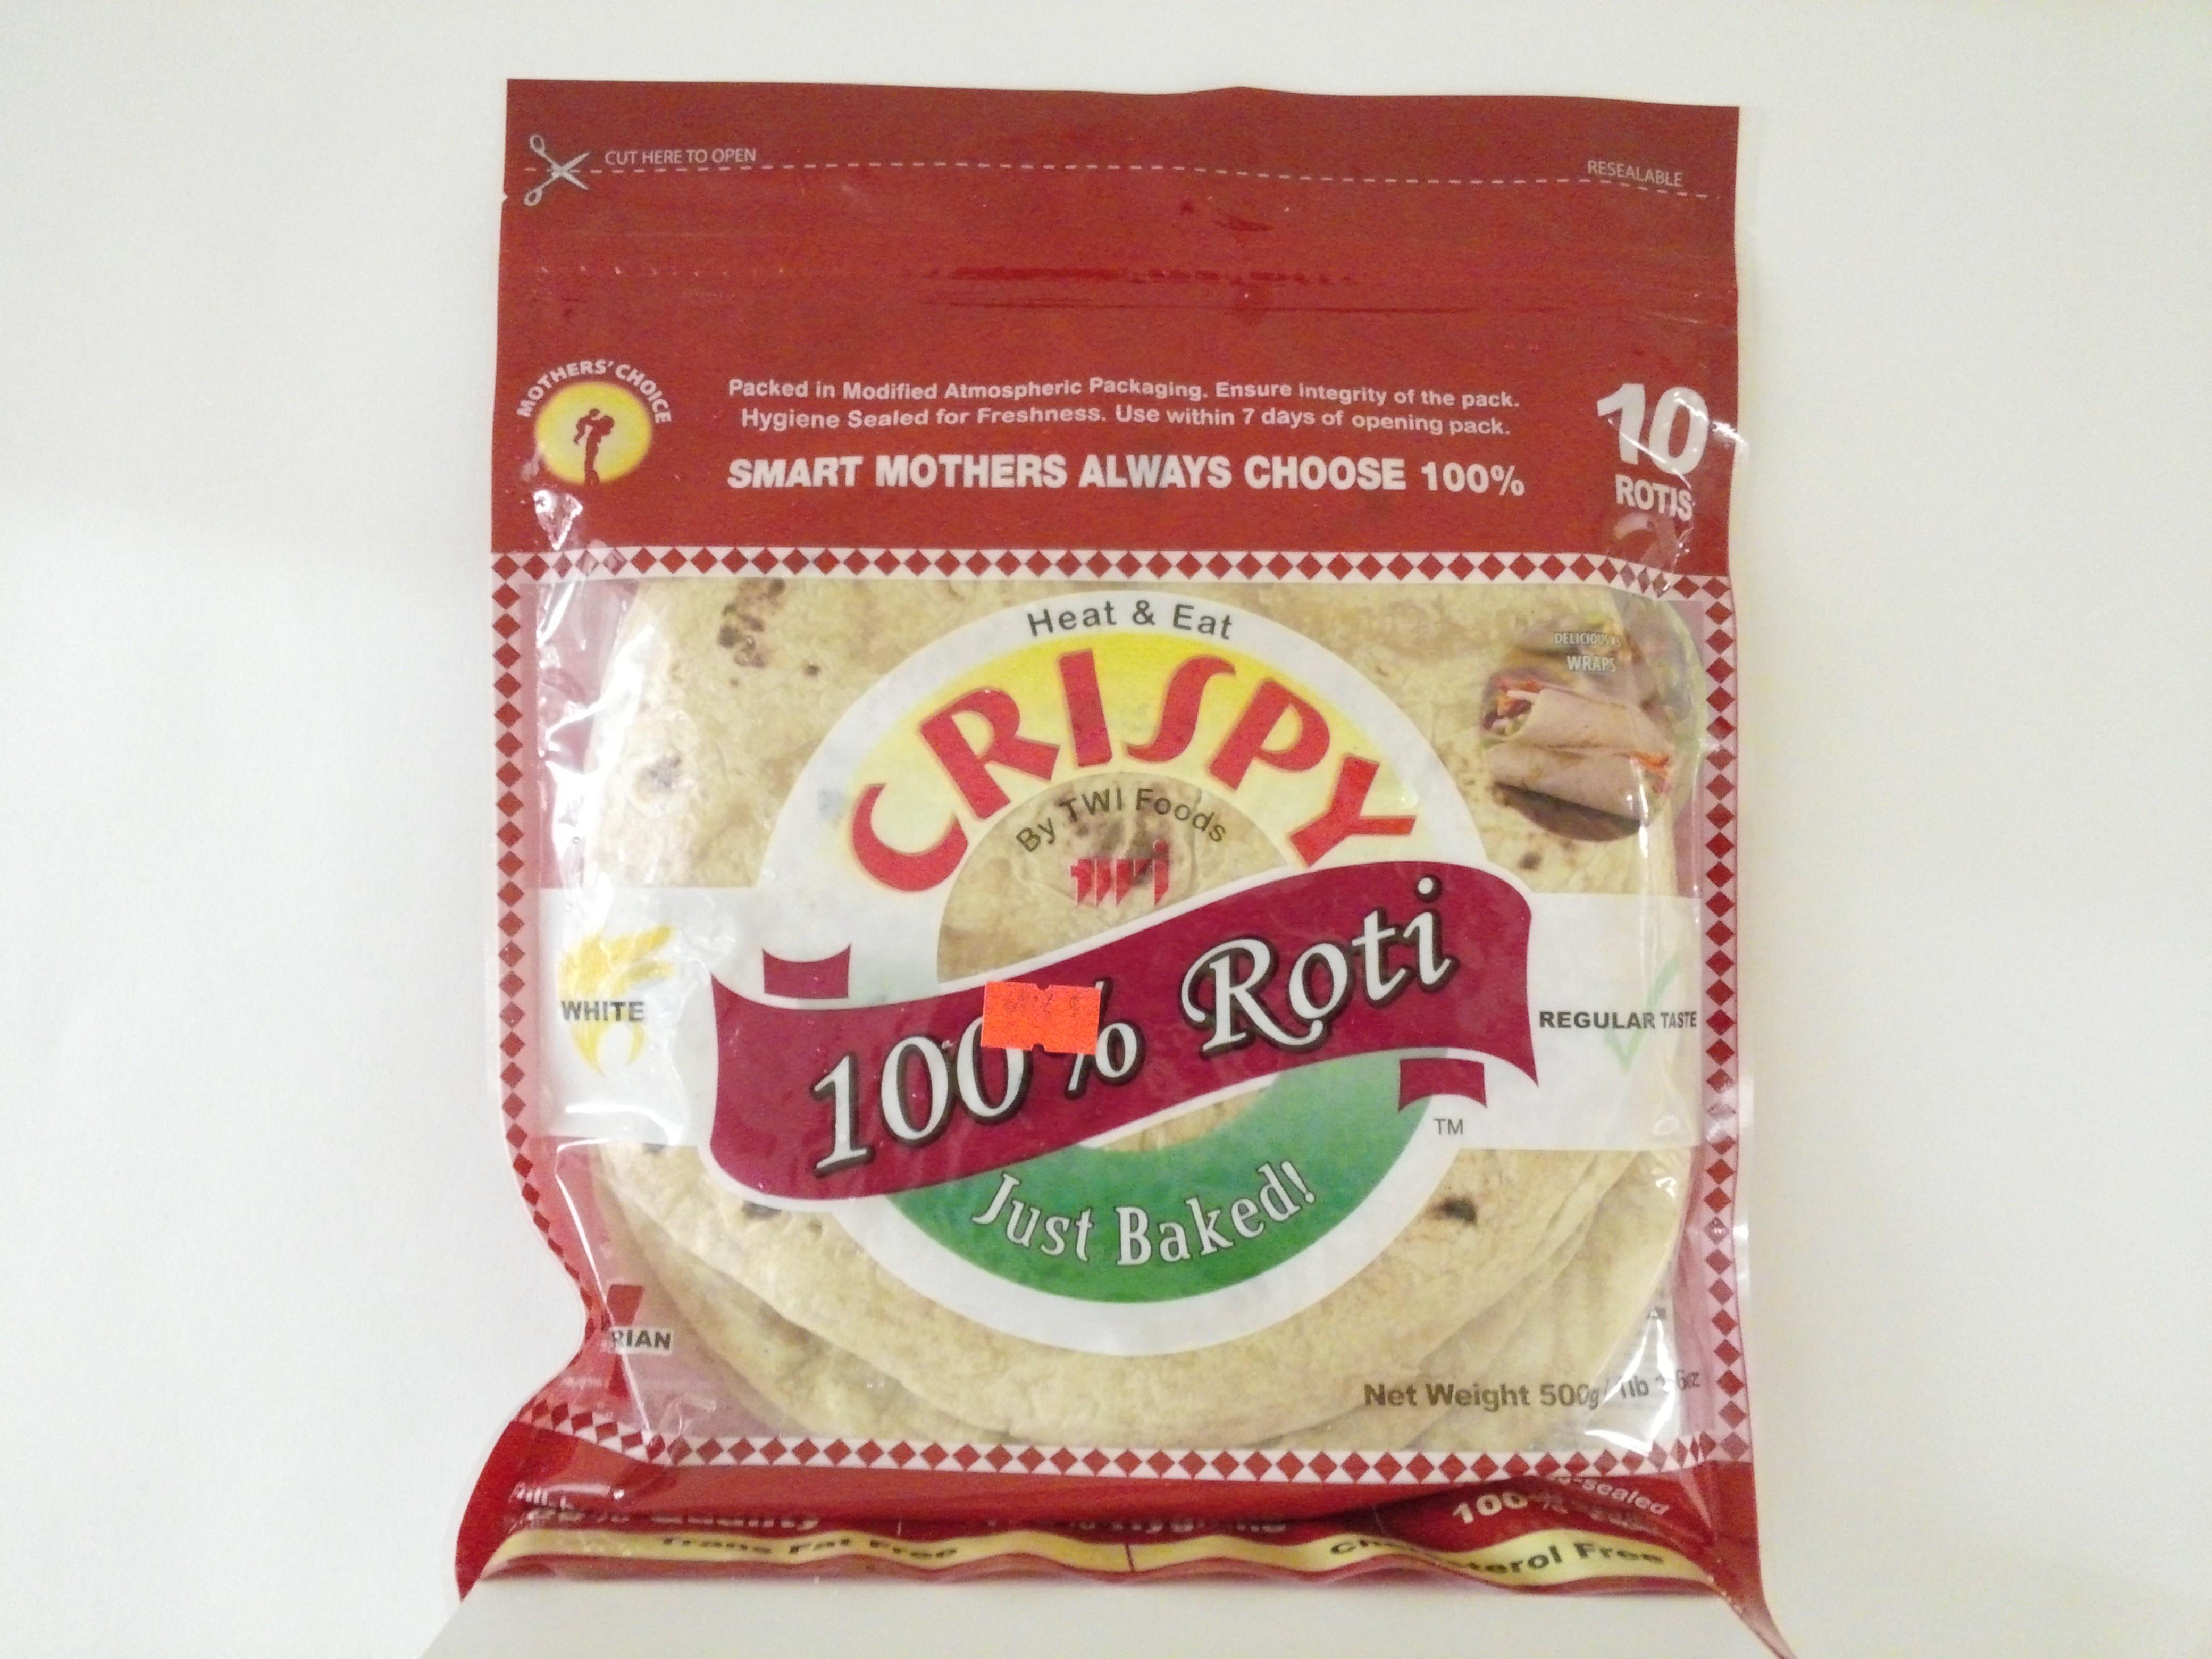 Crispy White Roti 10 Pcs 1.6 oz